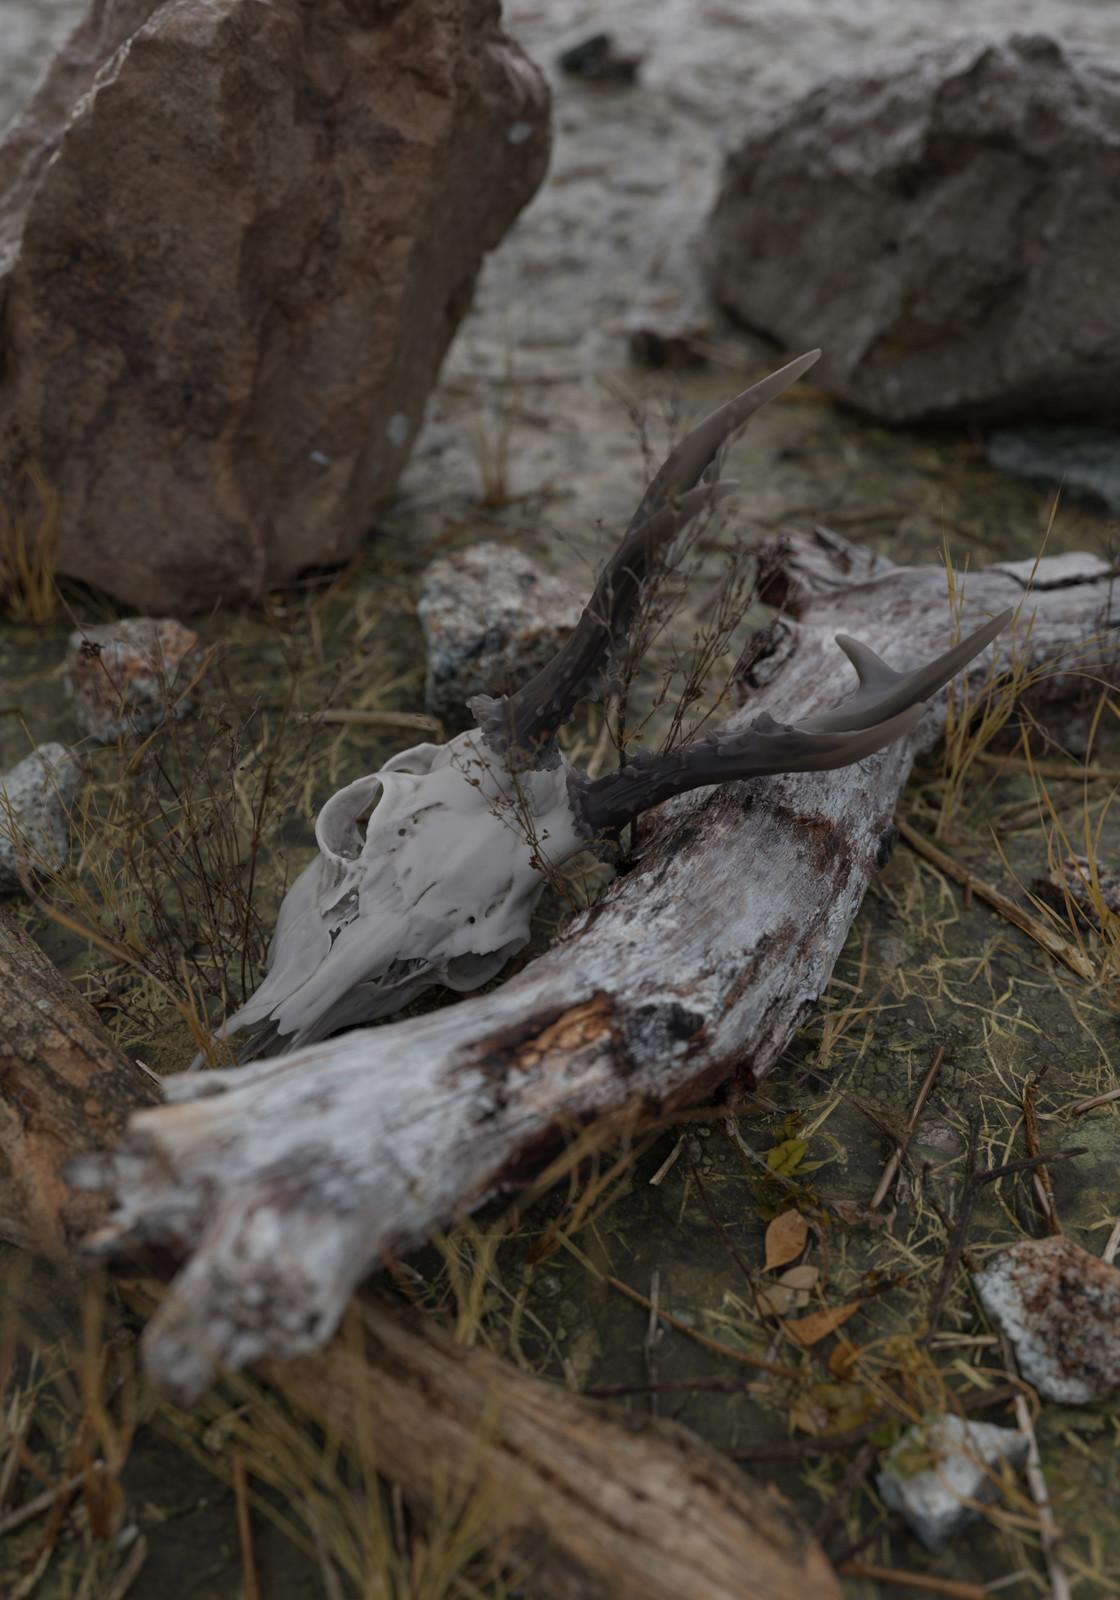 Nature Morte #2